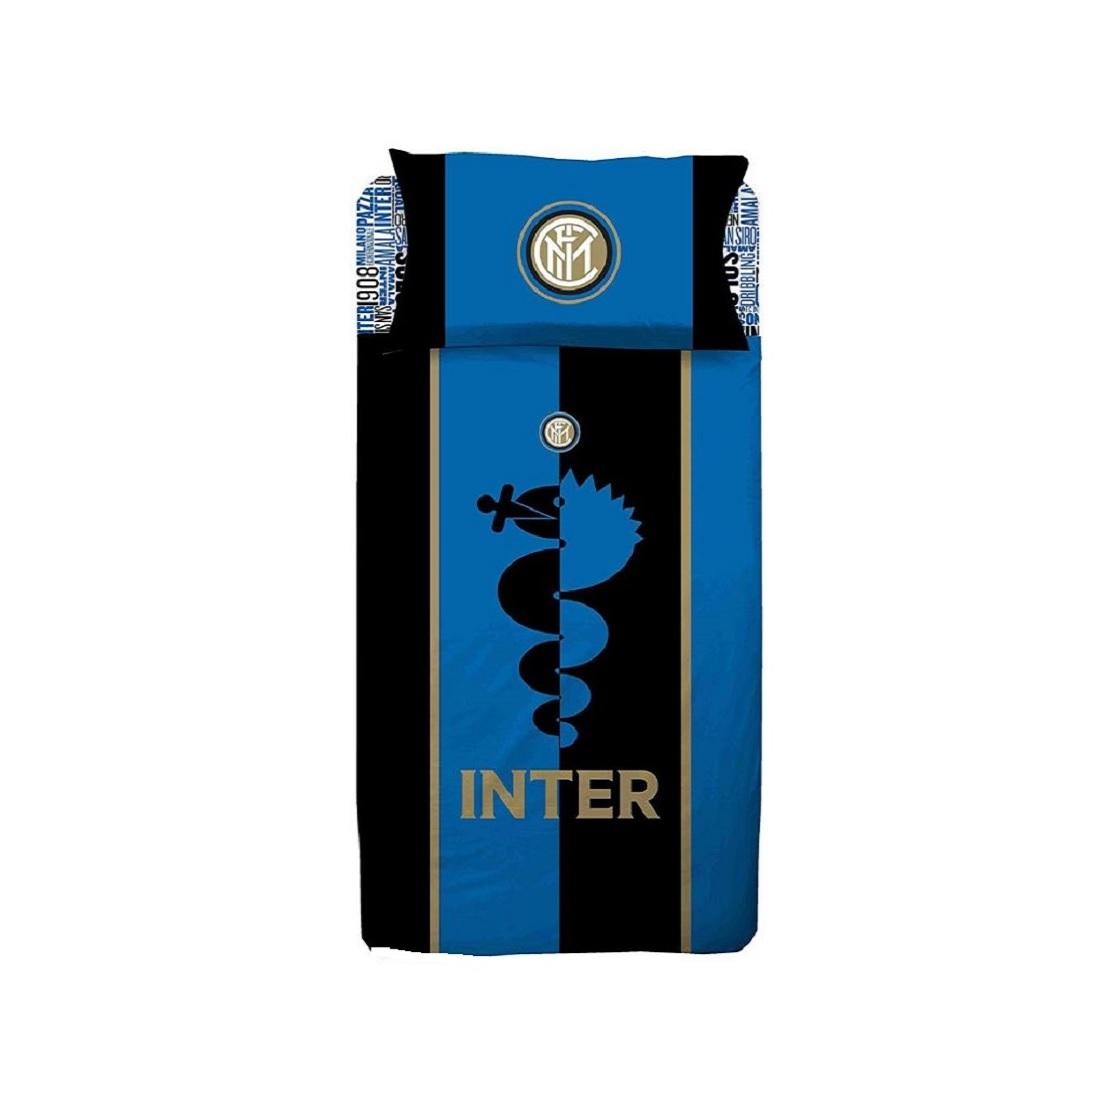 Lenzuola Matrimoniali Inter.Lenzuola Inter Completo Letto Singolo Prodotto Ufficiale Fc Inter